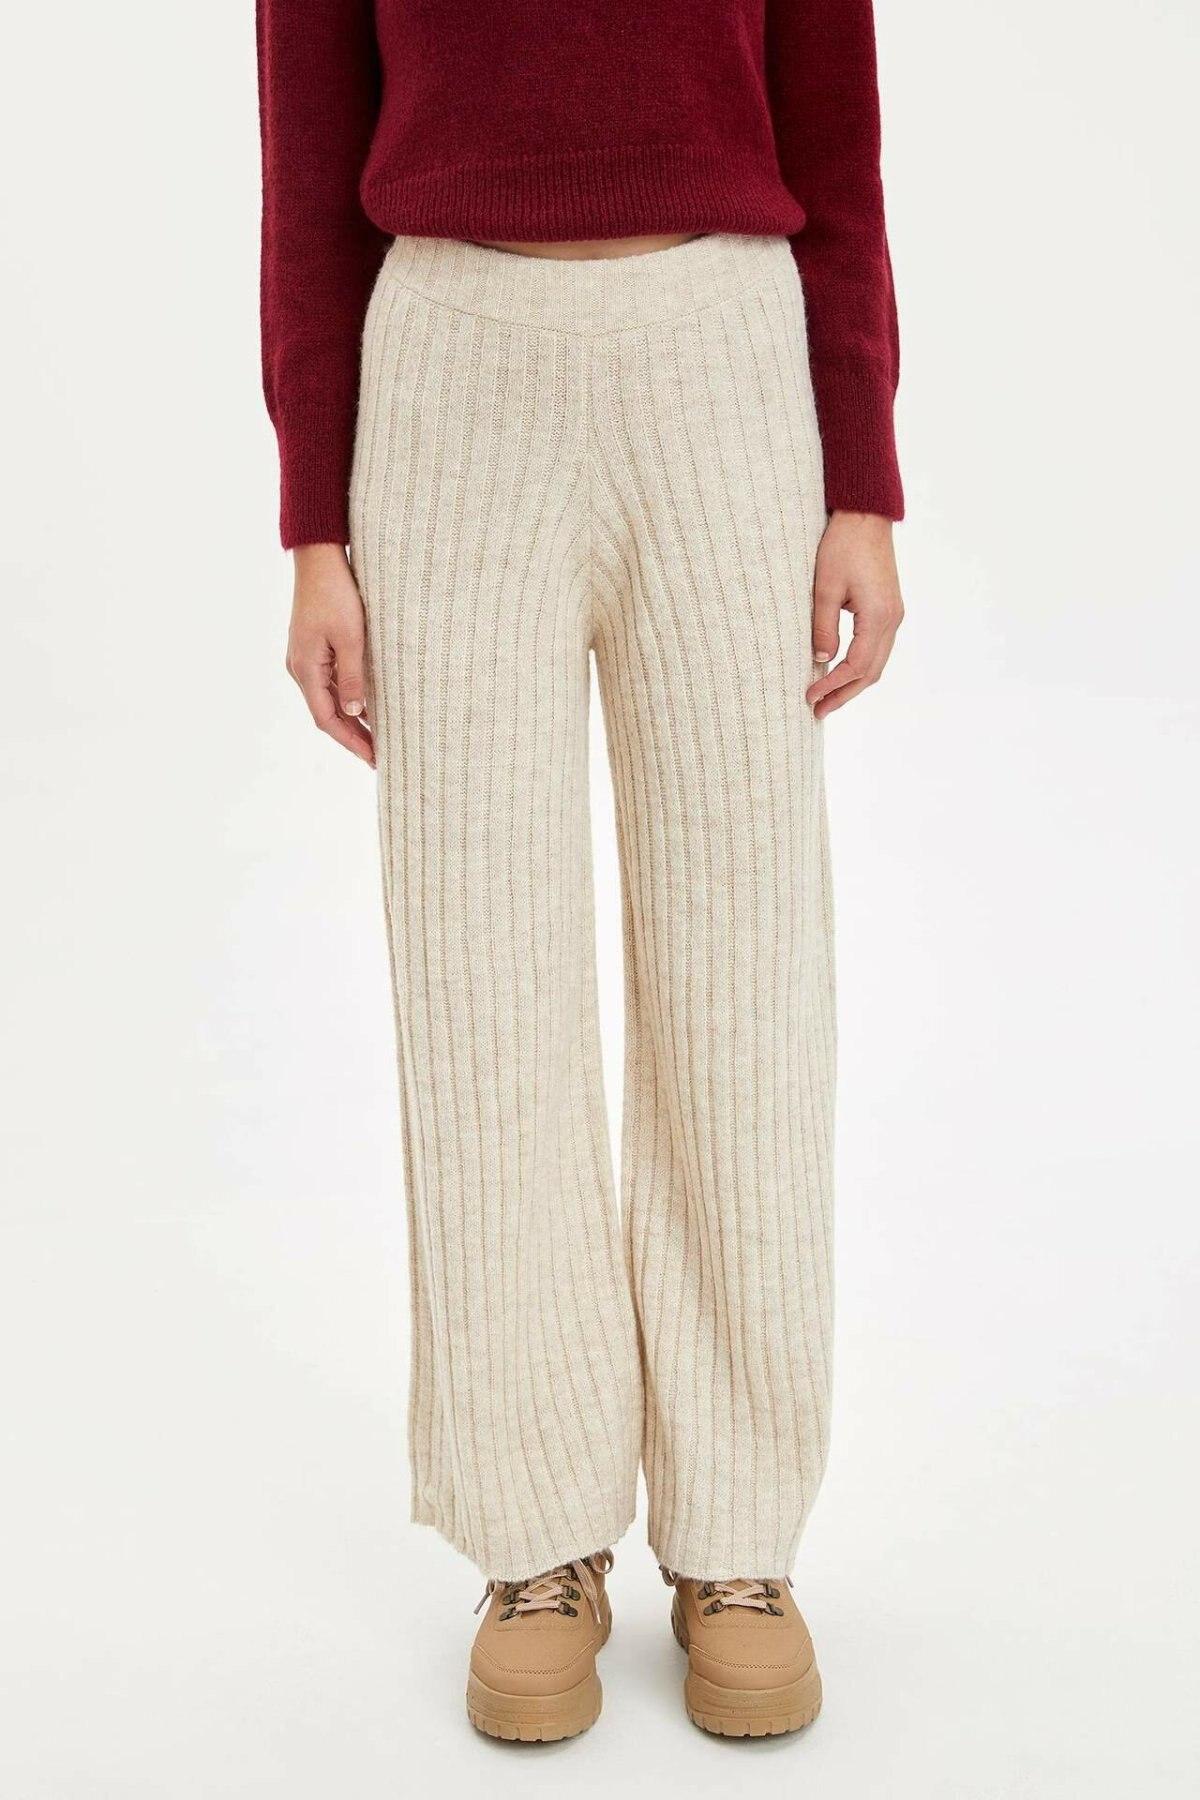 DeFacto Woman Fashion Wide-leg Pants Female Casual Beige Comfort Cotton Trouser High Quality Simple - L9466AZ19WN